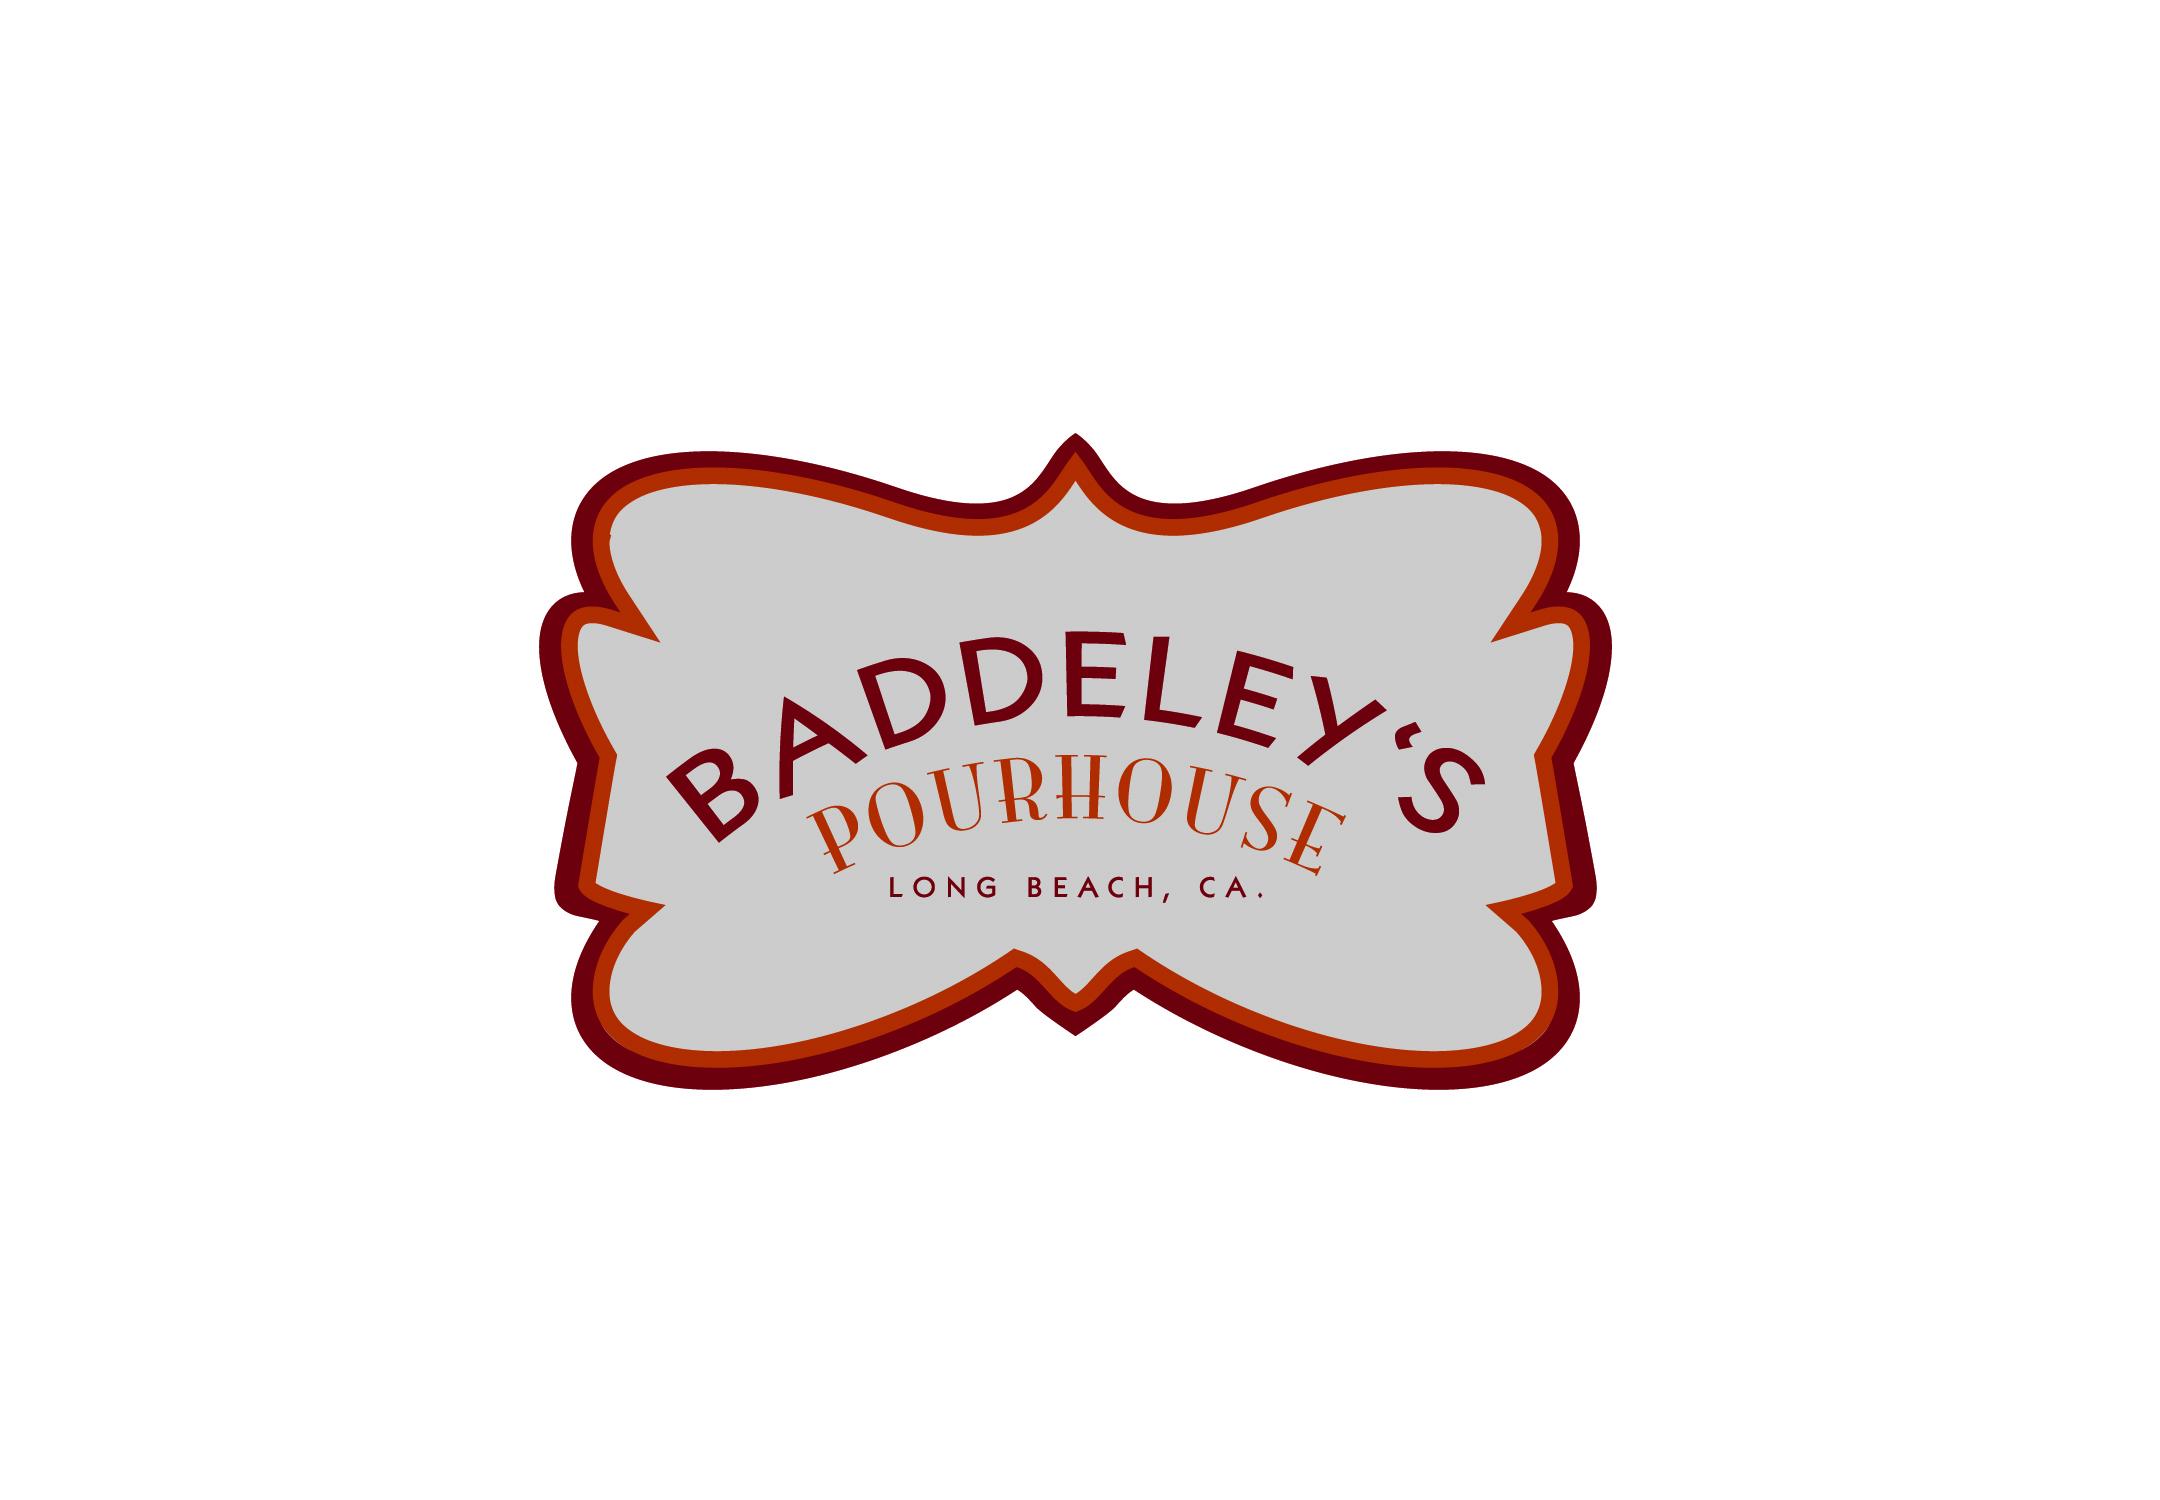 Baddeleys Pourhouse